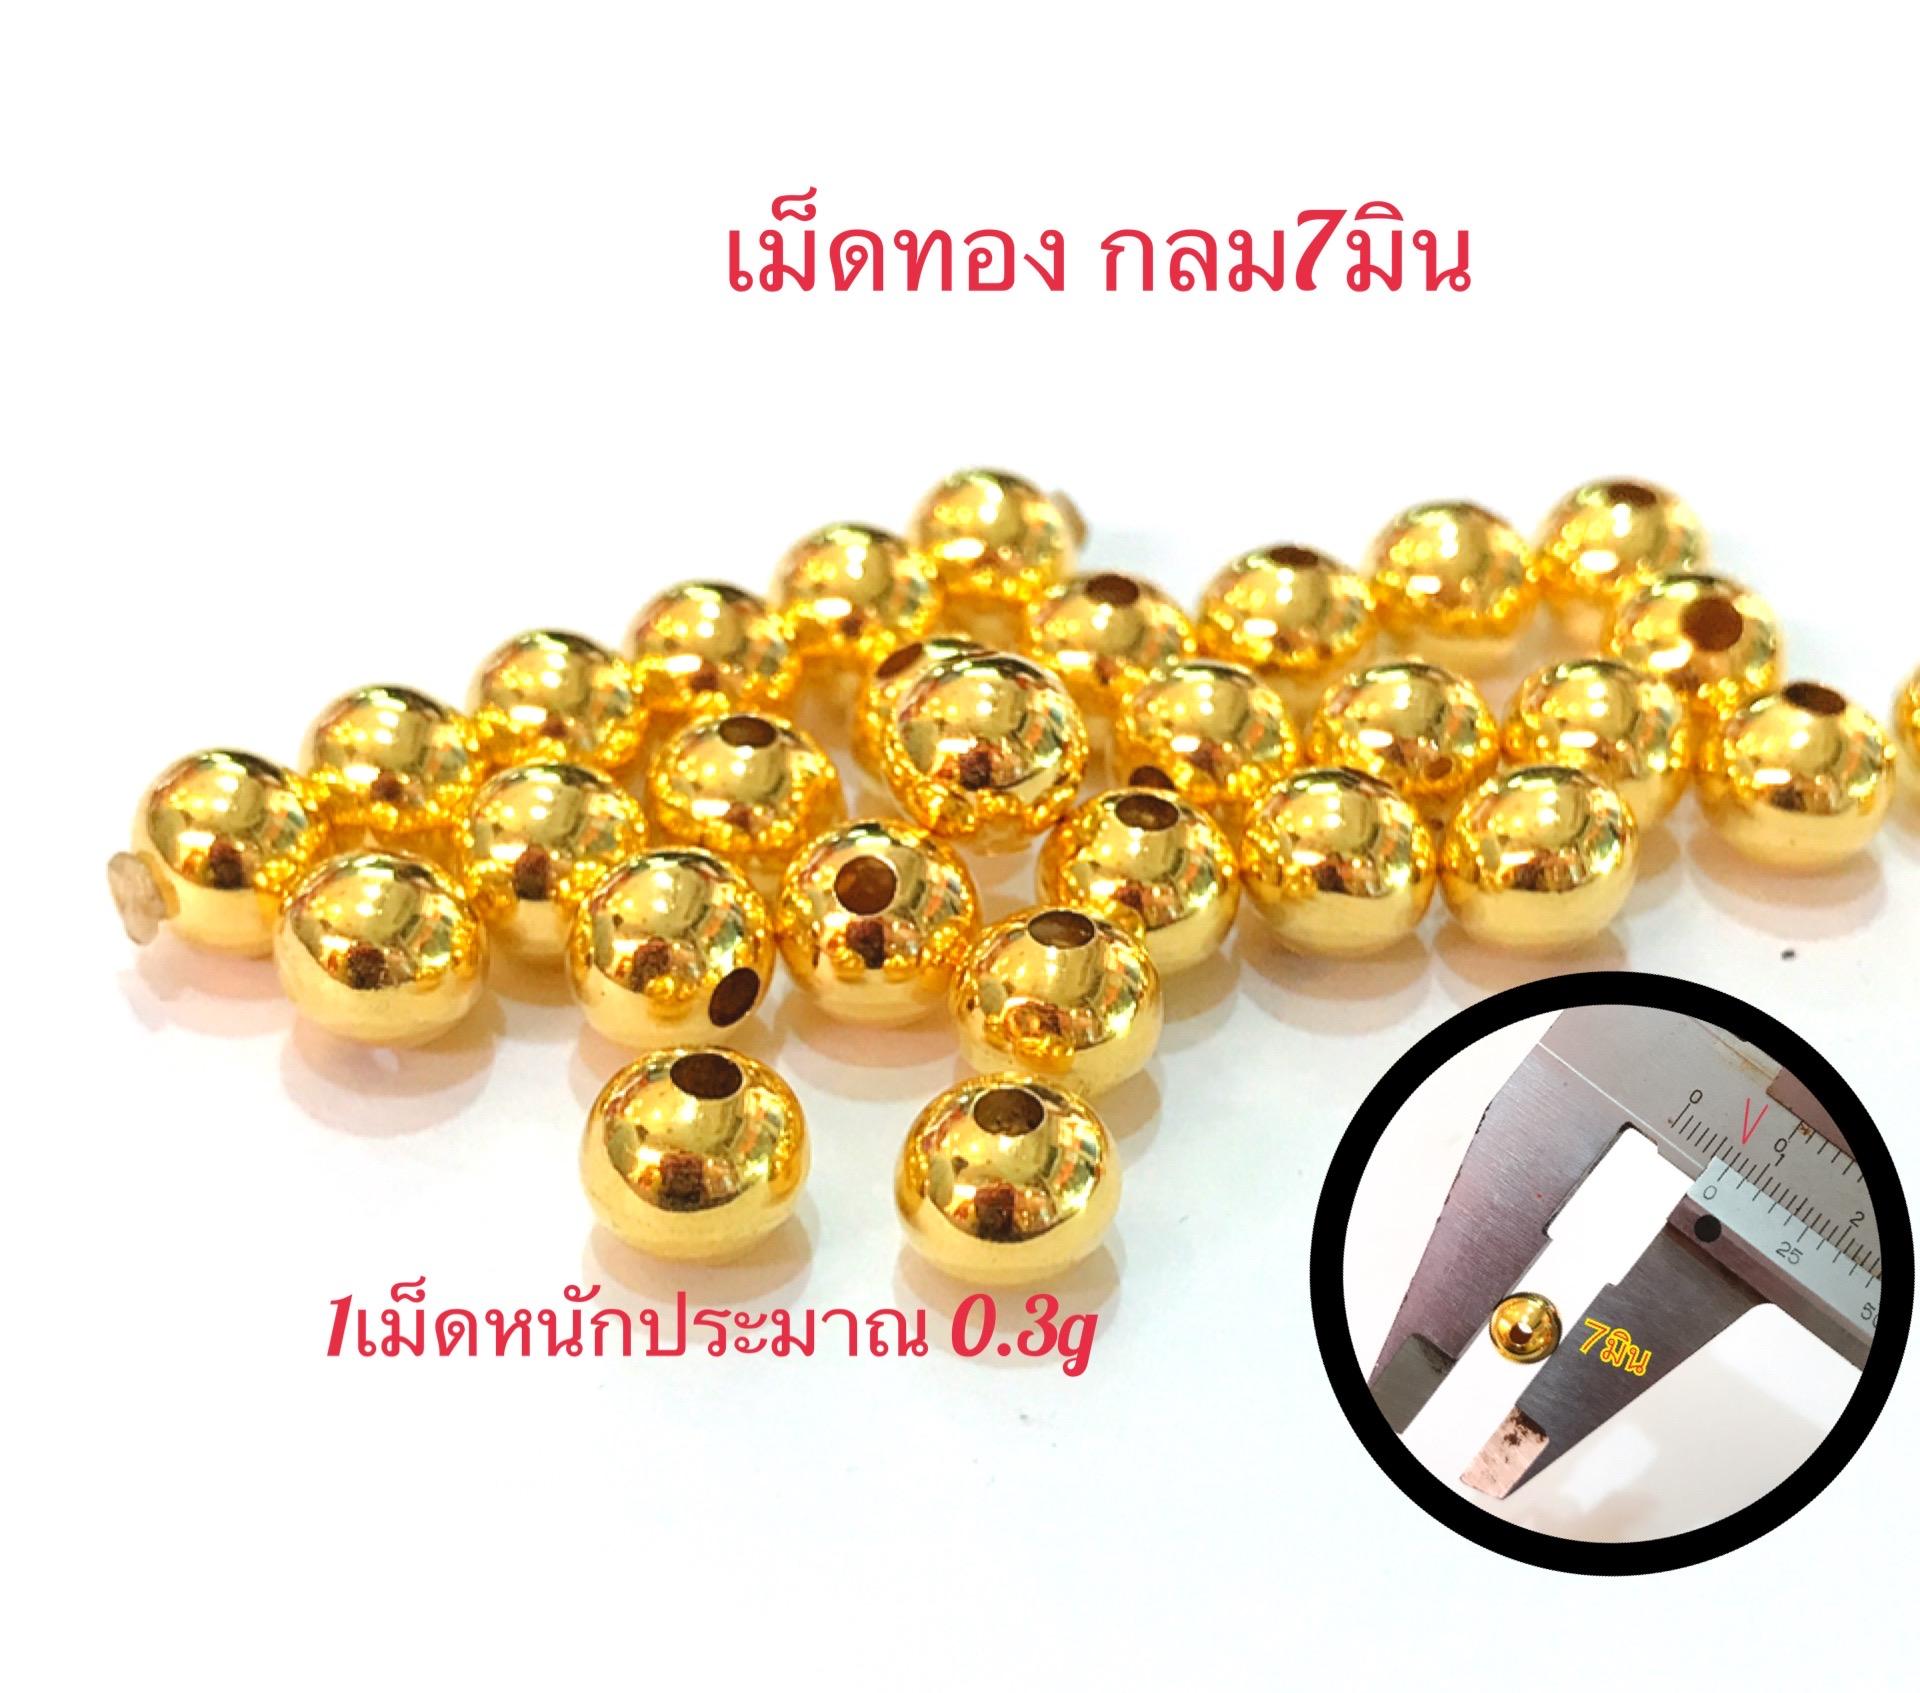 เม็ดทอง ทรงกลมขนาด 7มิน